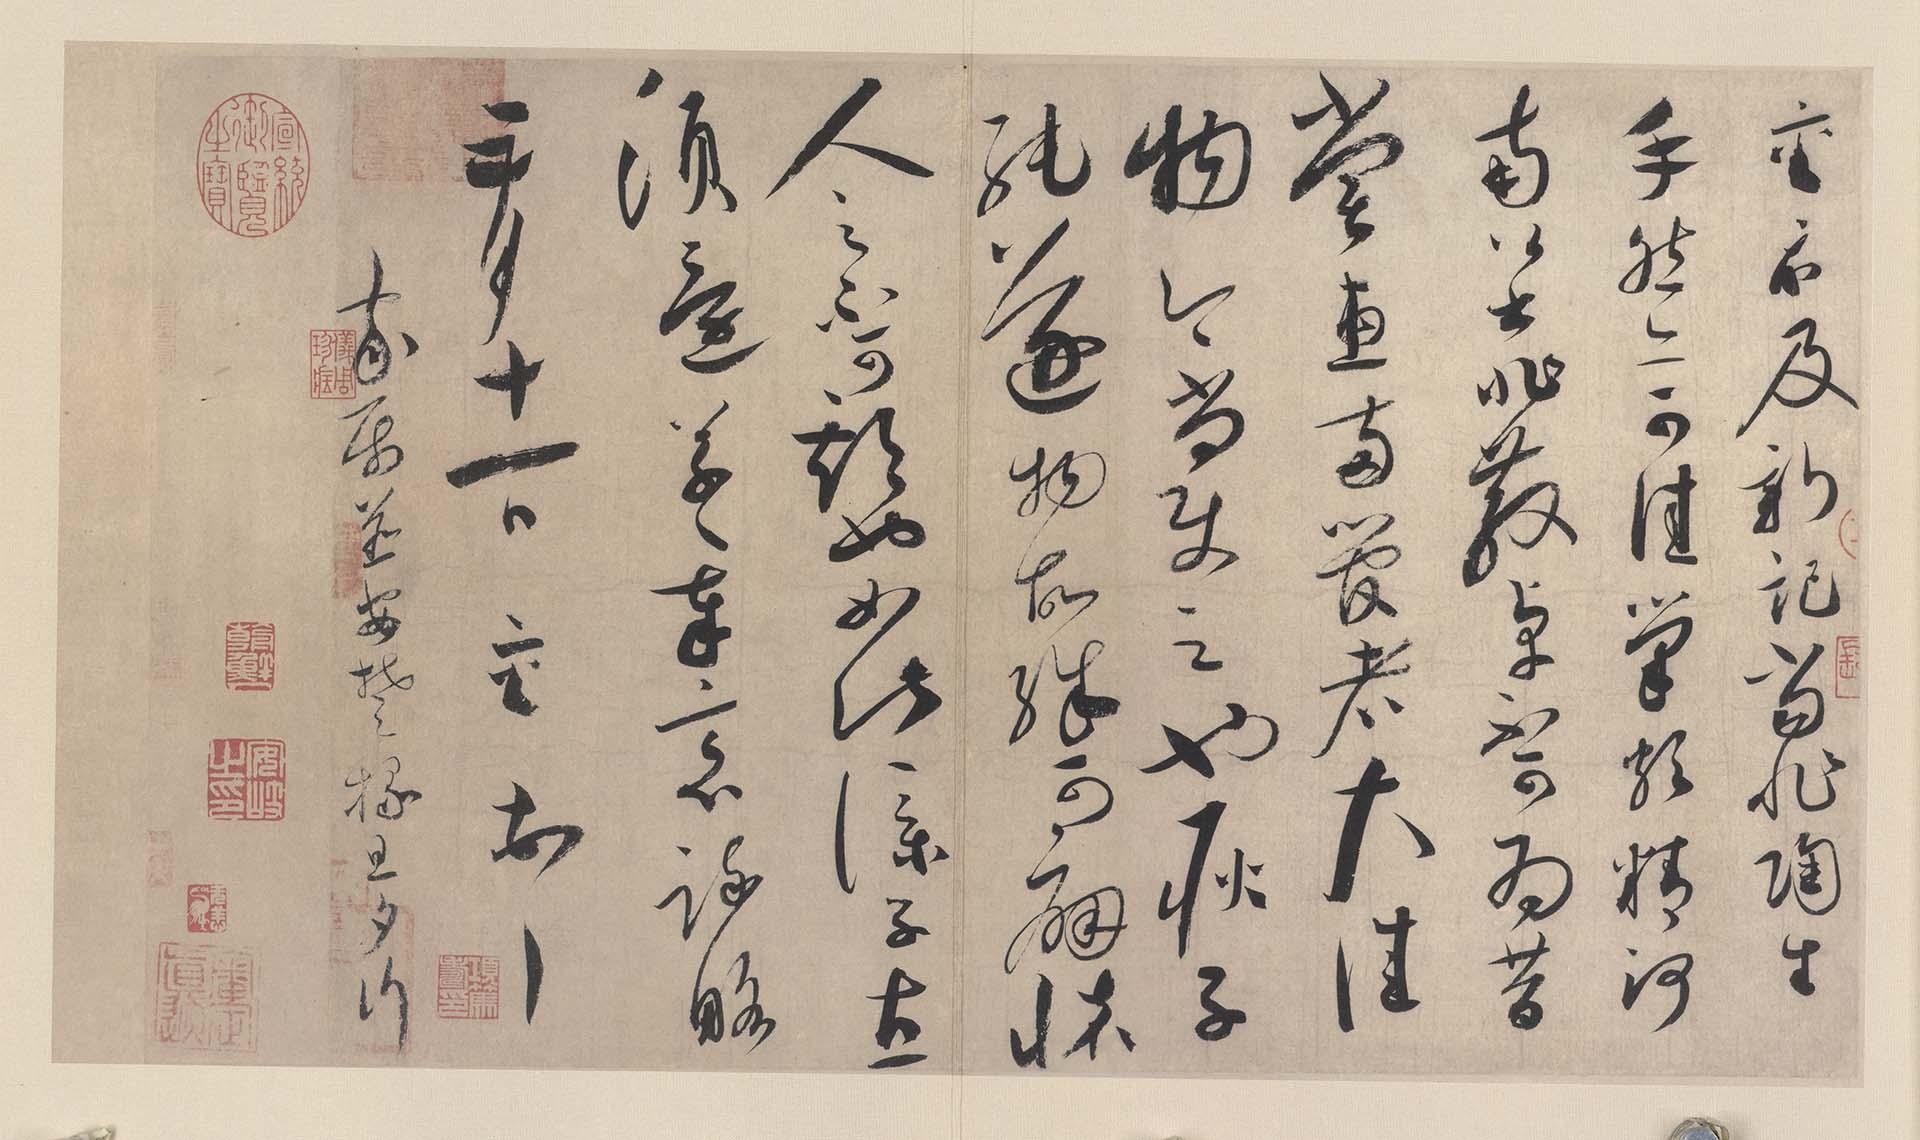 宋 蔡襄 墨迹选纸本33x56